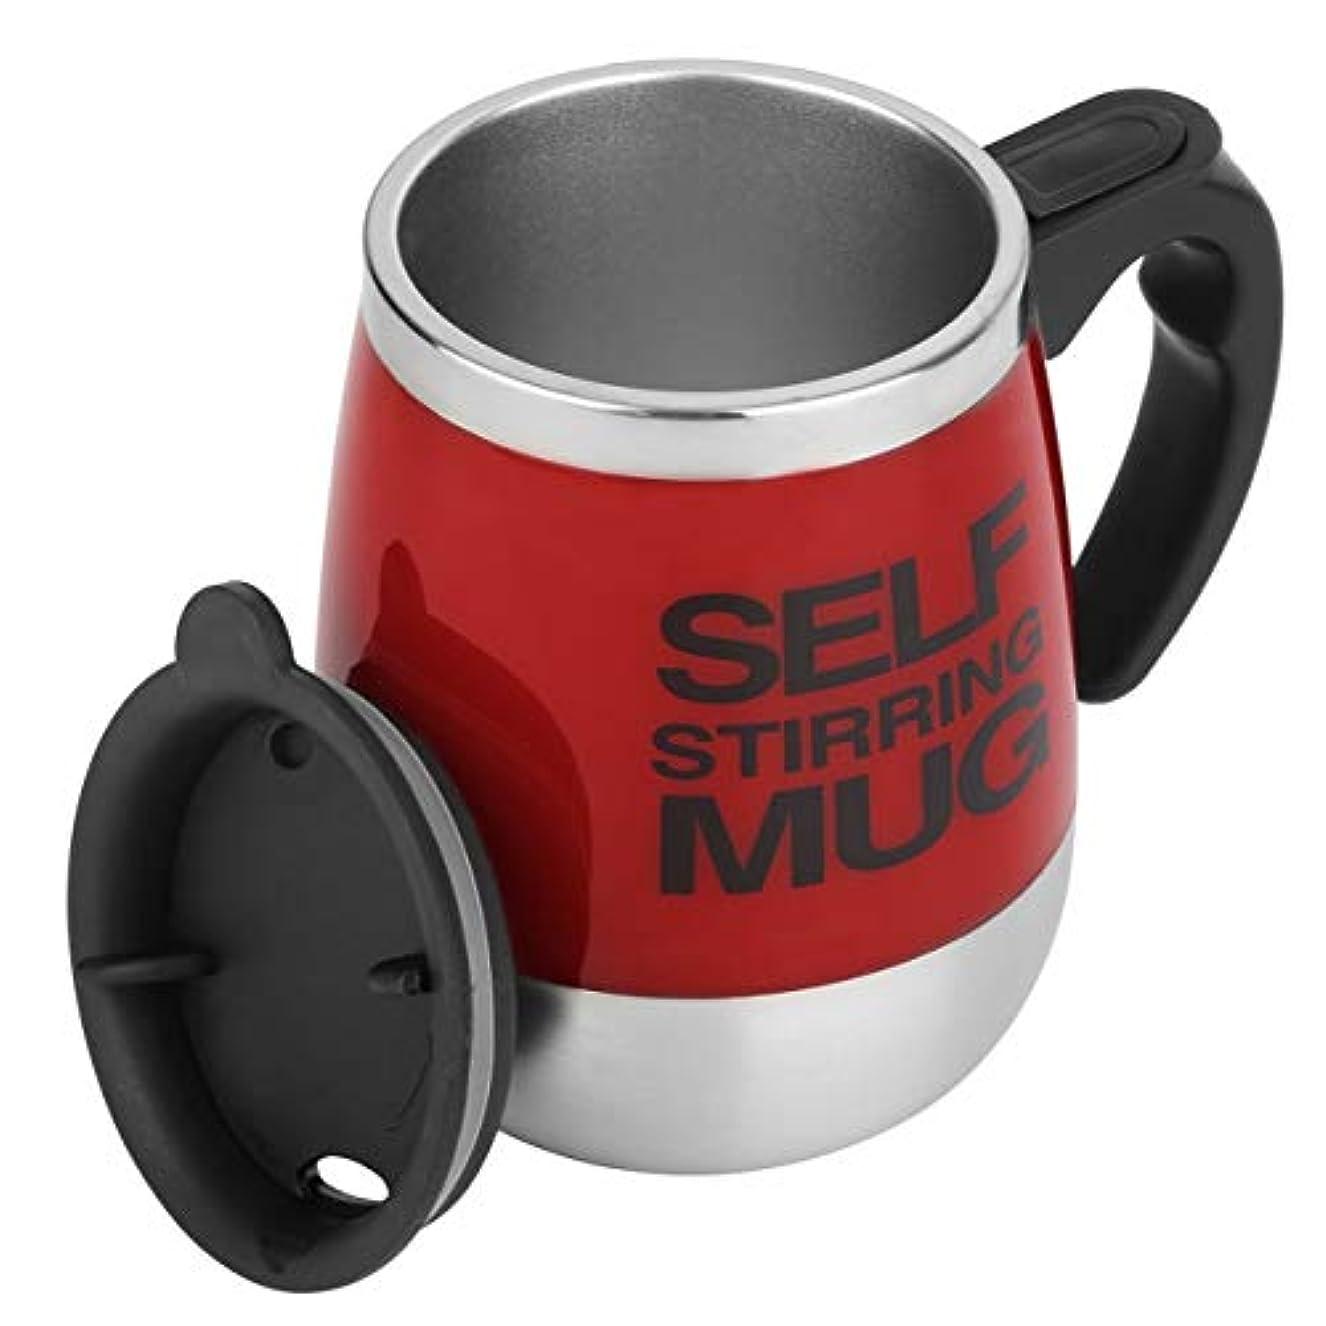 卑しい十分なまもなくSaikogoods 450ミリリットル ステンレス鋼 自己攪拌マグカップ 自動ミキシング ティーコーヒーカップ 自動 電気コーヒーカップを飲みます 赤